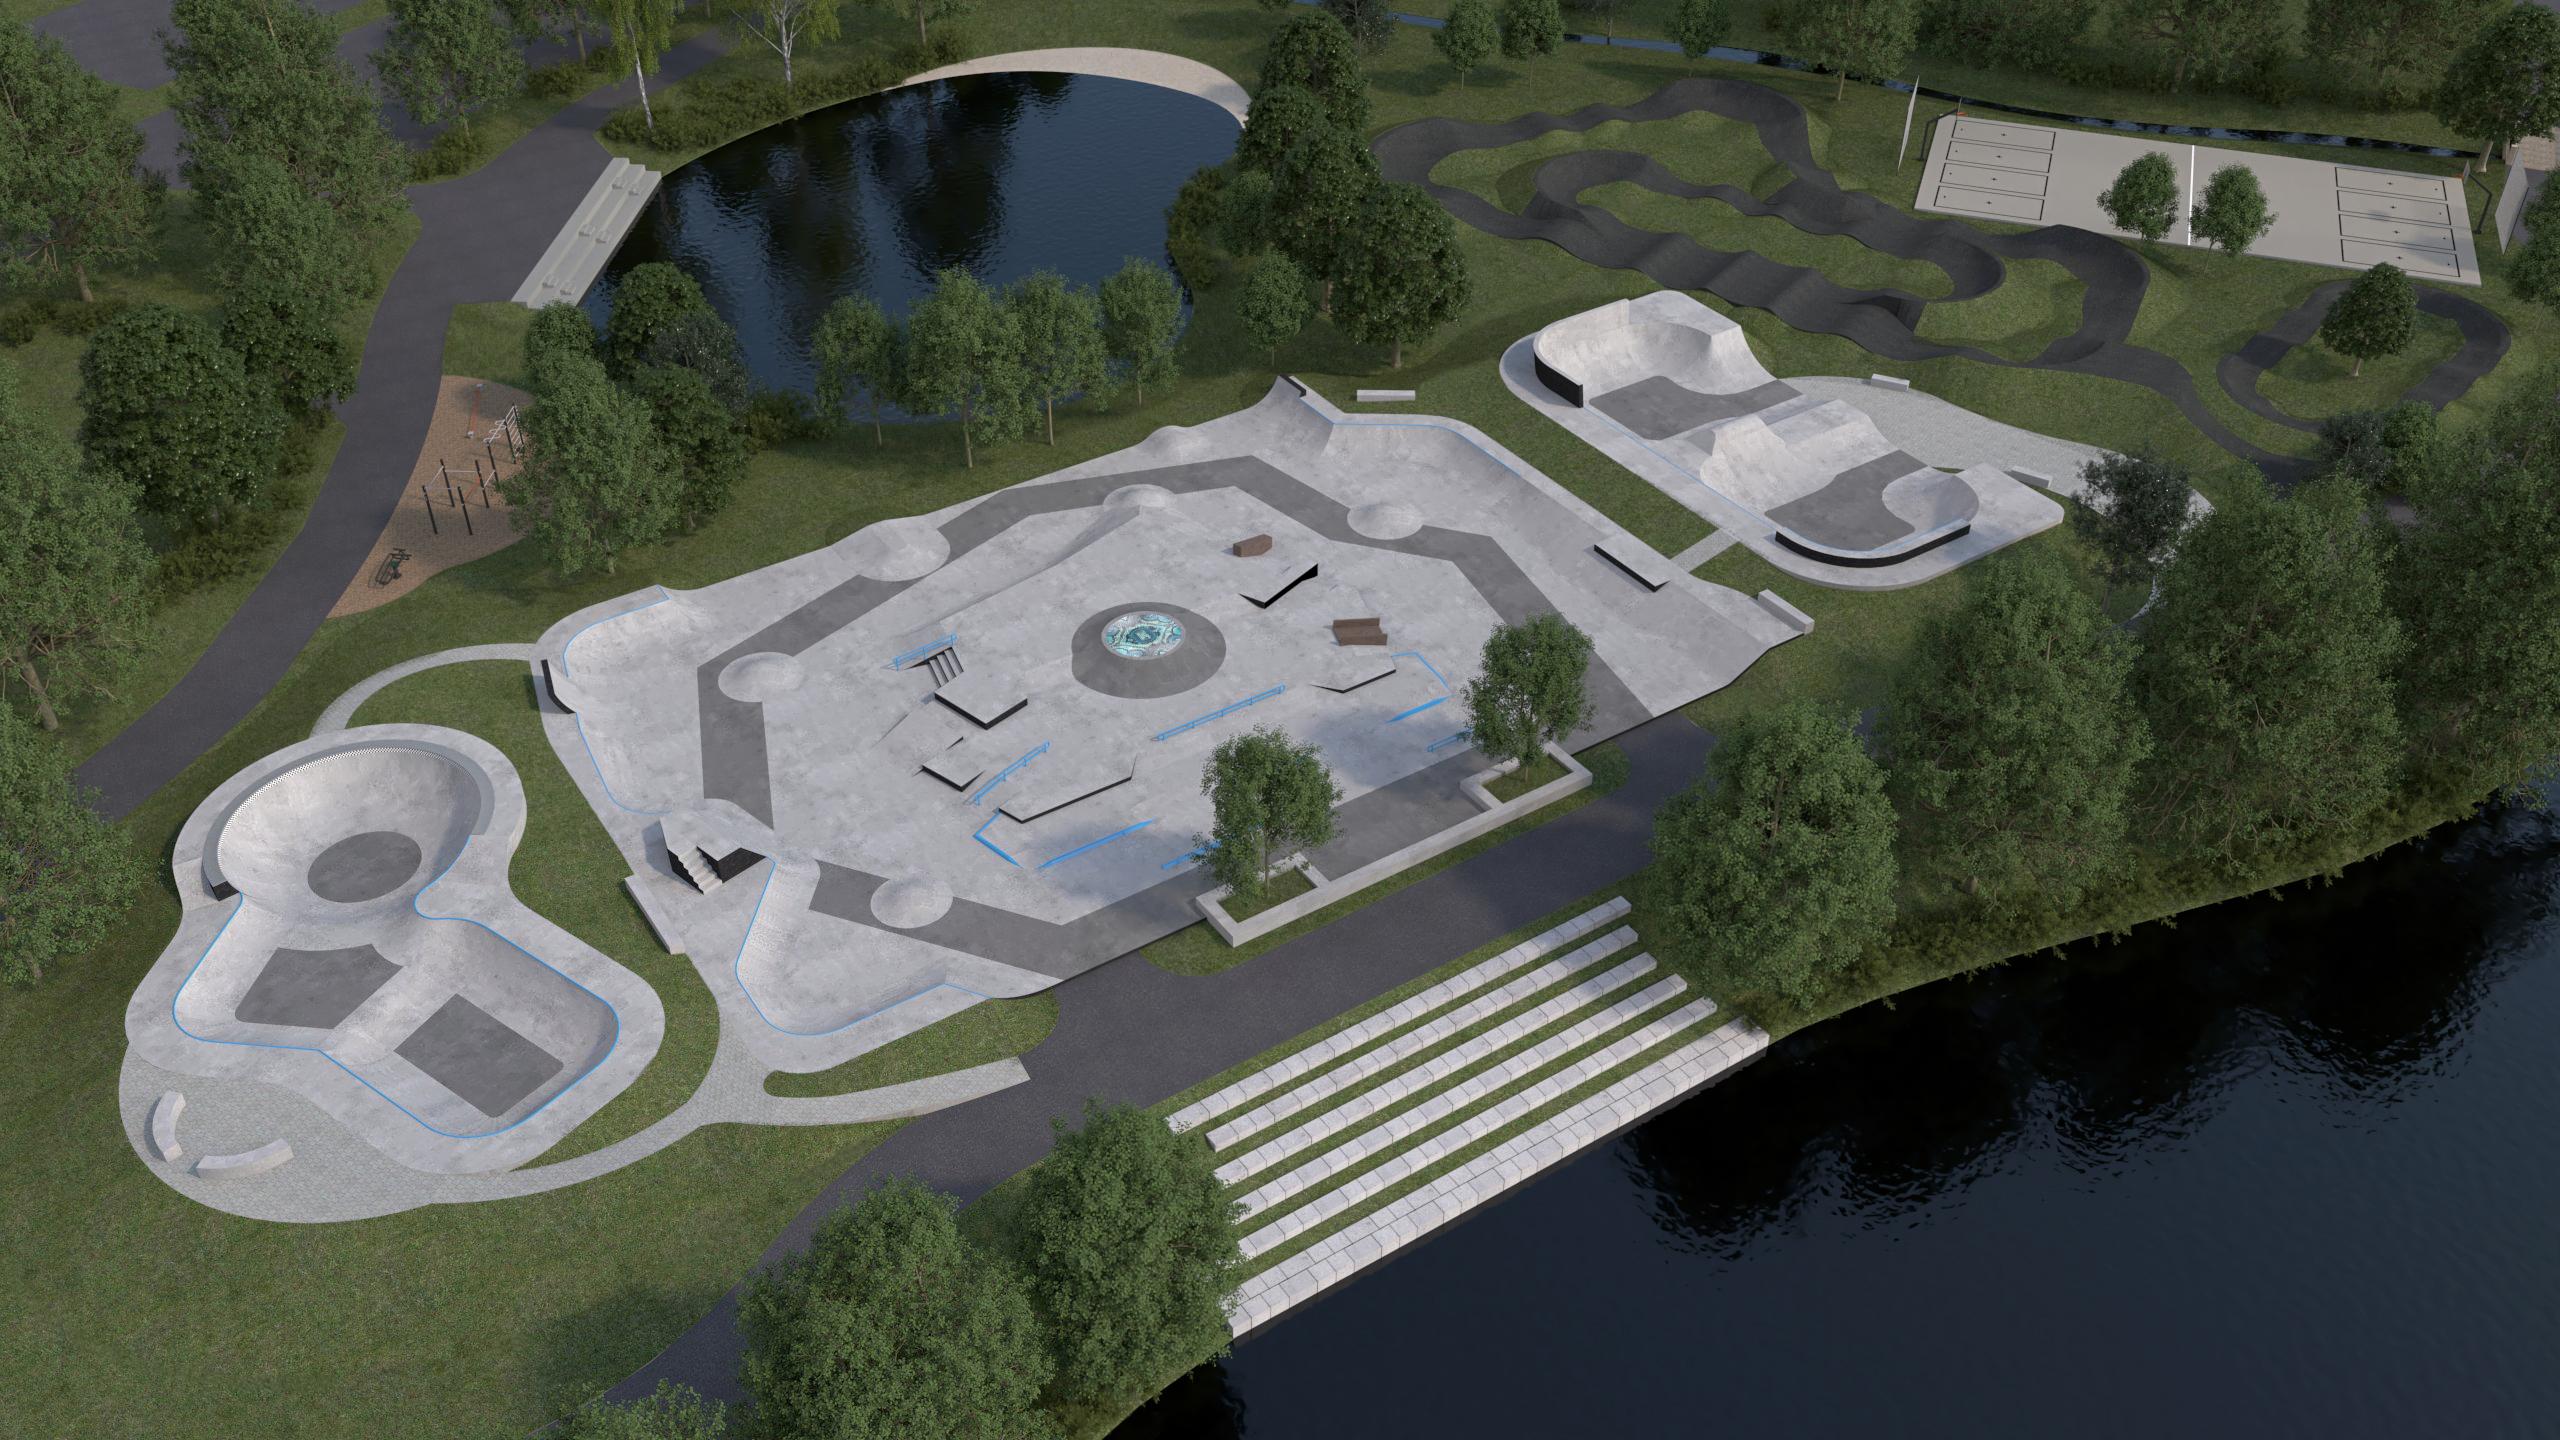 Skatepark Hof aus Vogelperspektive zeigt Street Skatepark, Skate Bowl, BMX Bowl, Pumptrack in einer grünen Parkanlage in Hof an der Saale als 3-D Model